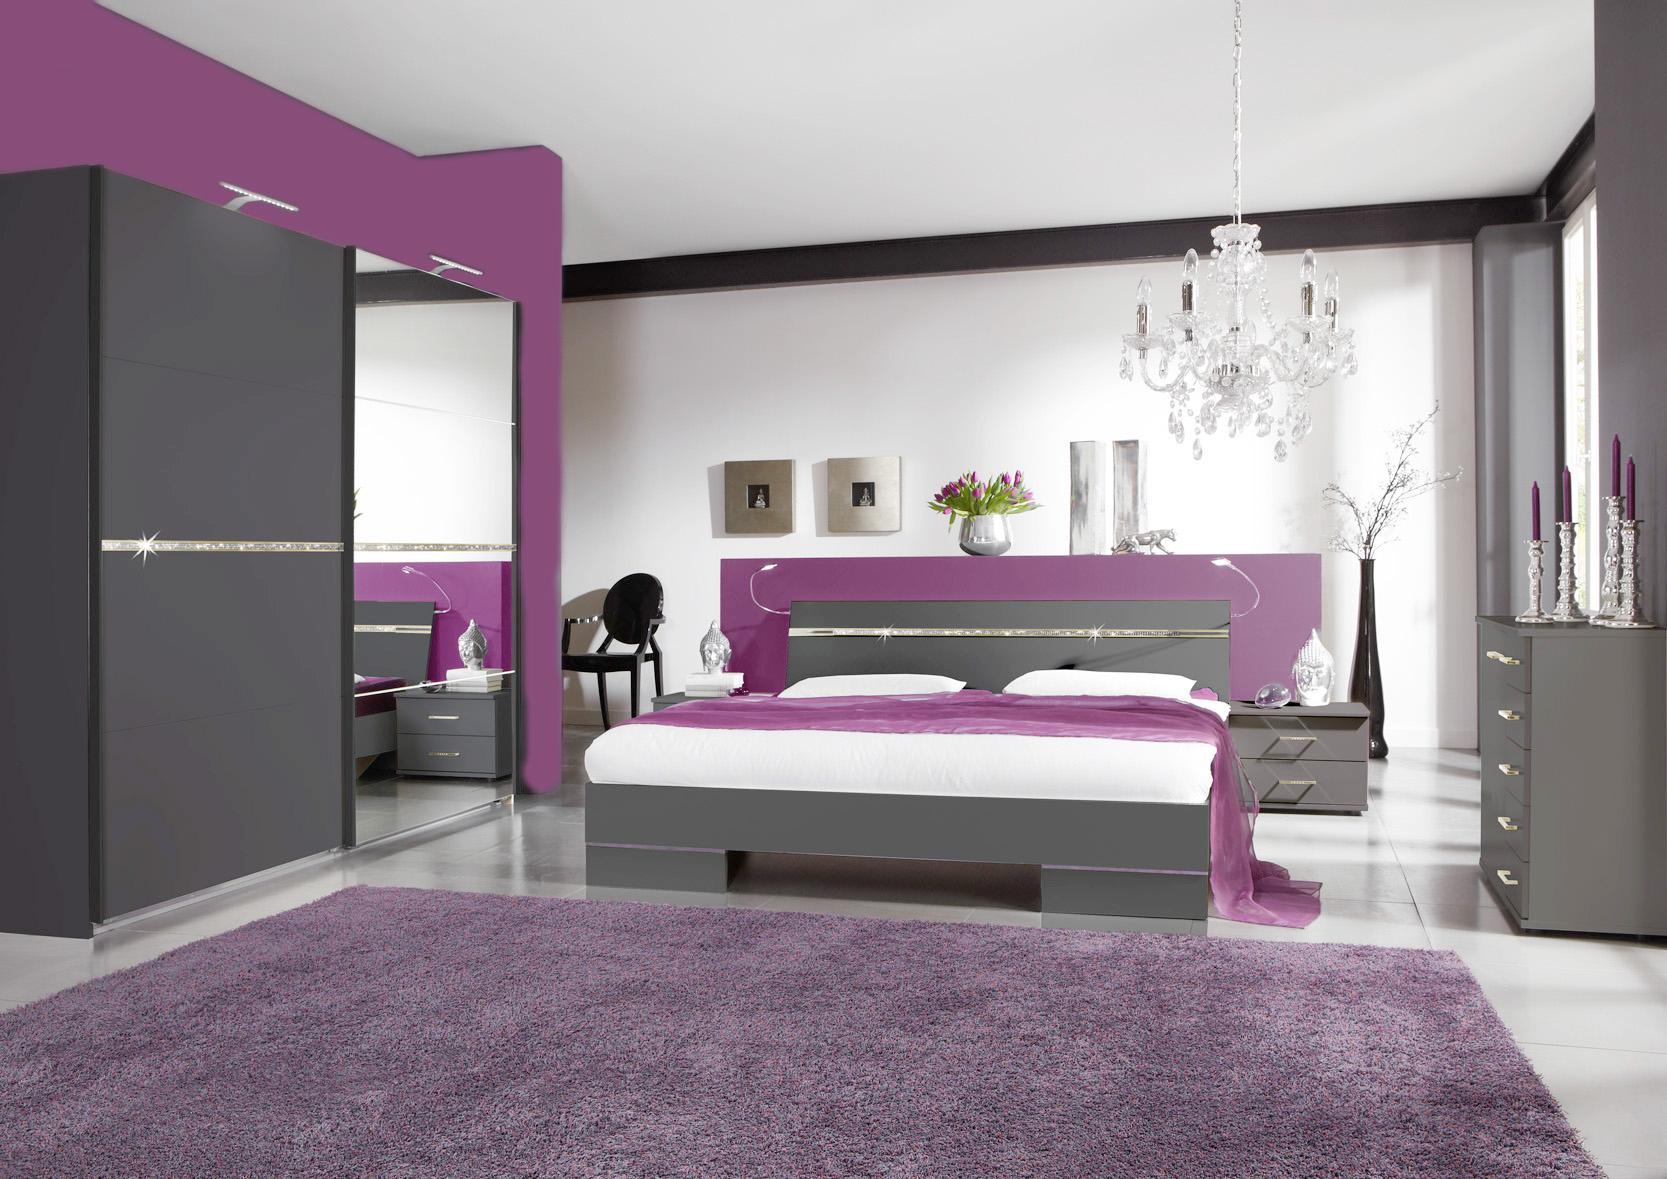 Chambre Ado Fille Moderne 2013 Violet Inspirant Image Inspirer 40 De ...